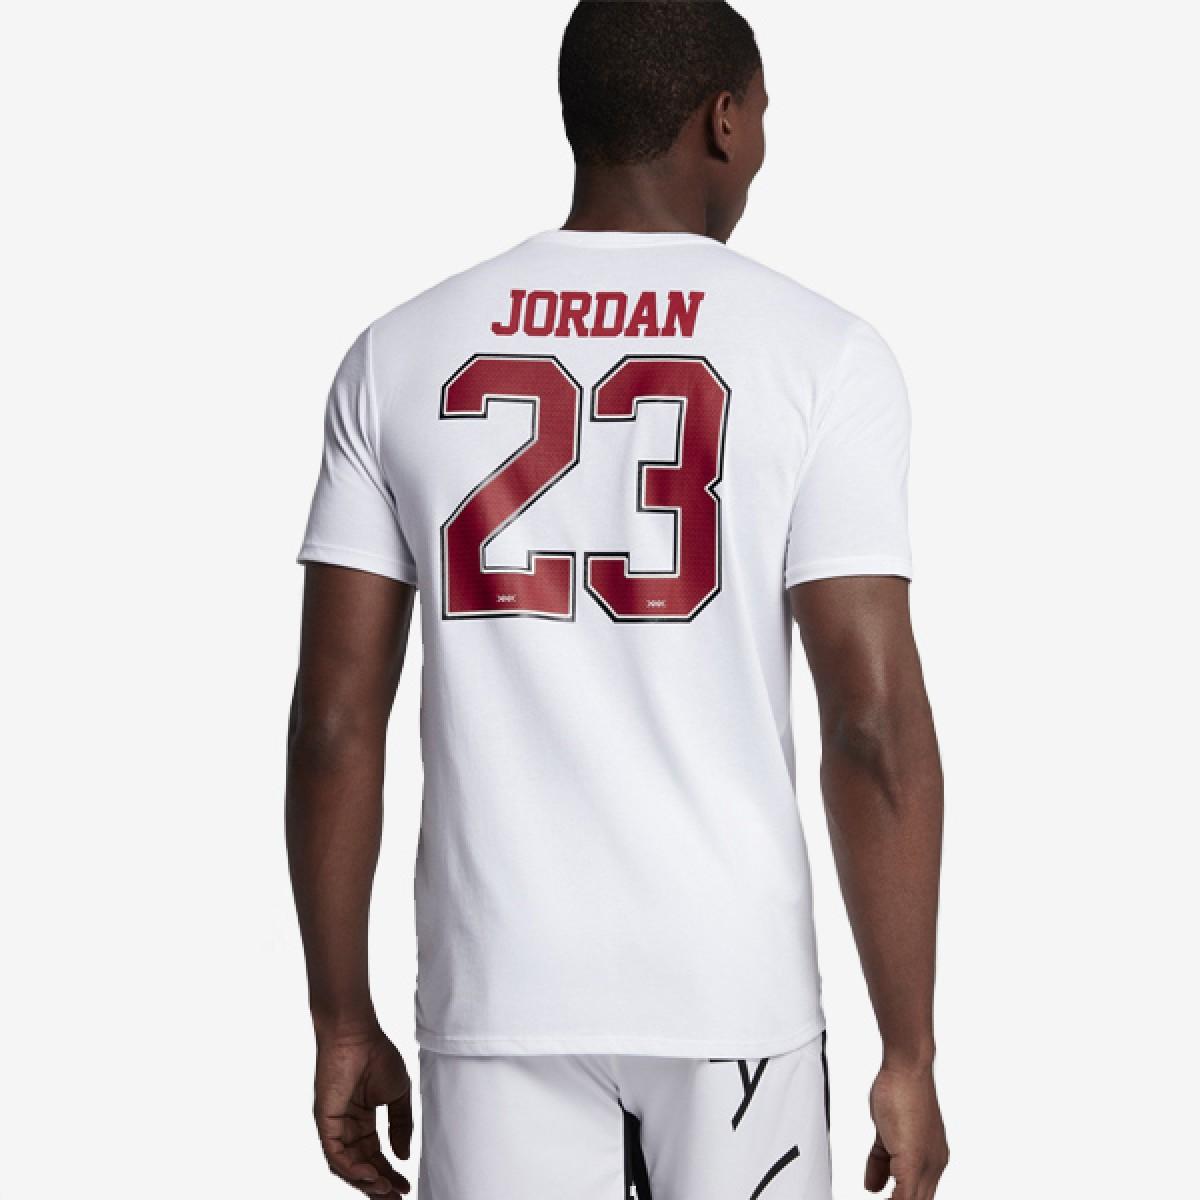 Jordan 23 Tee 'White'